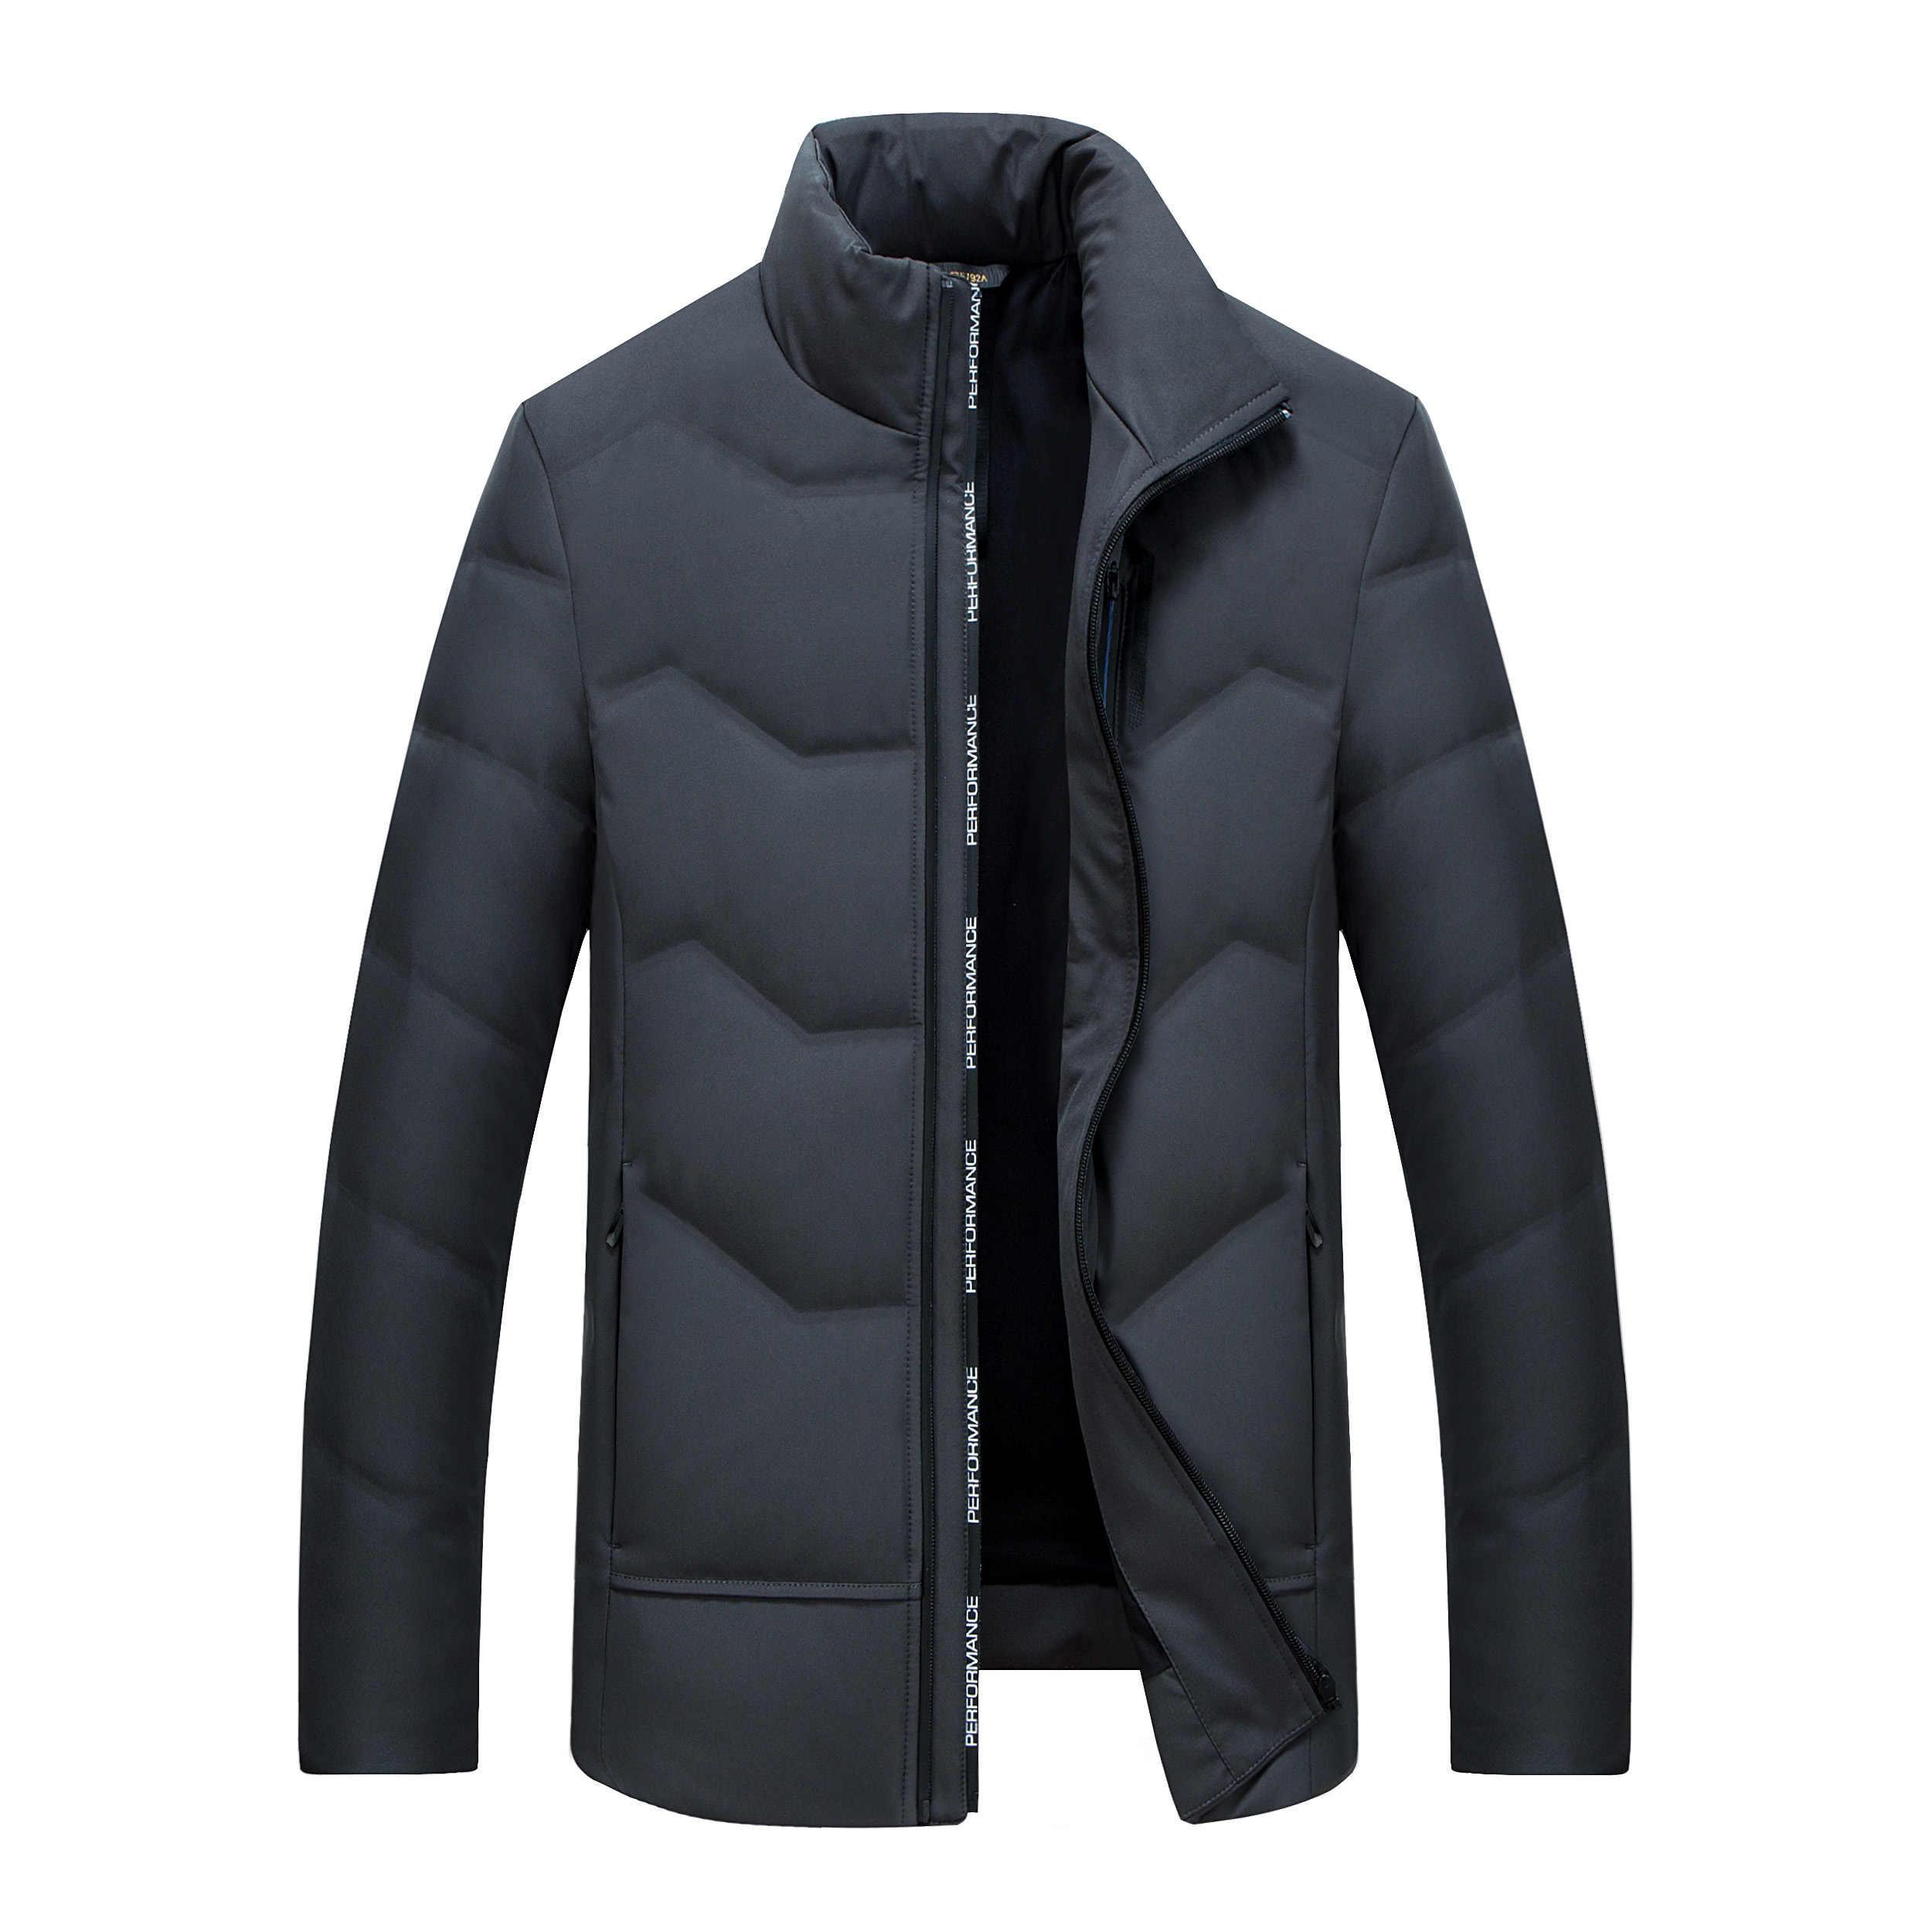 QUANBO брендовая одежда 2019 новый зимний толстый теплый пуховик для мужчин с воротником-стойкой Тонкий 90% белый пуховик на утином пуху короткое пальто